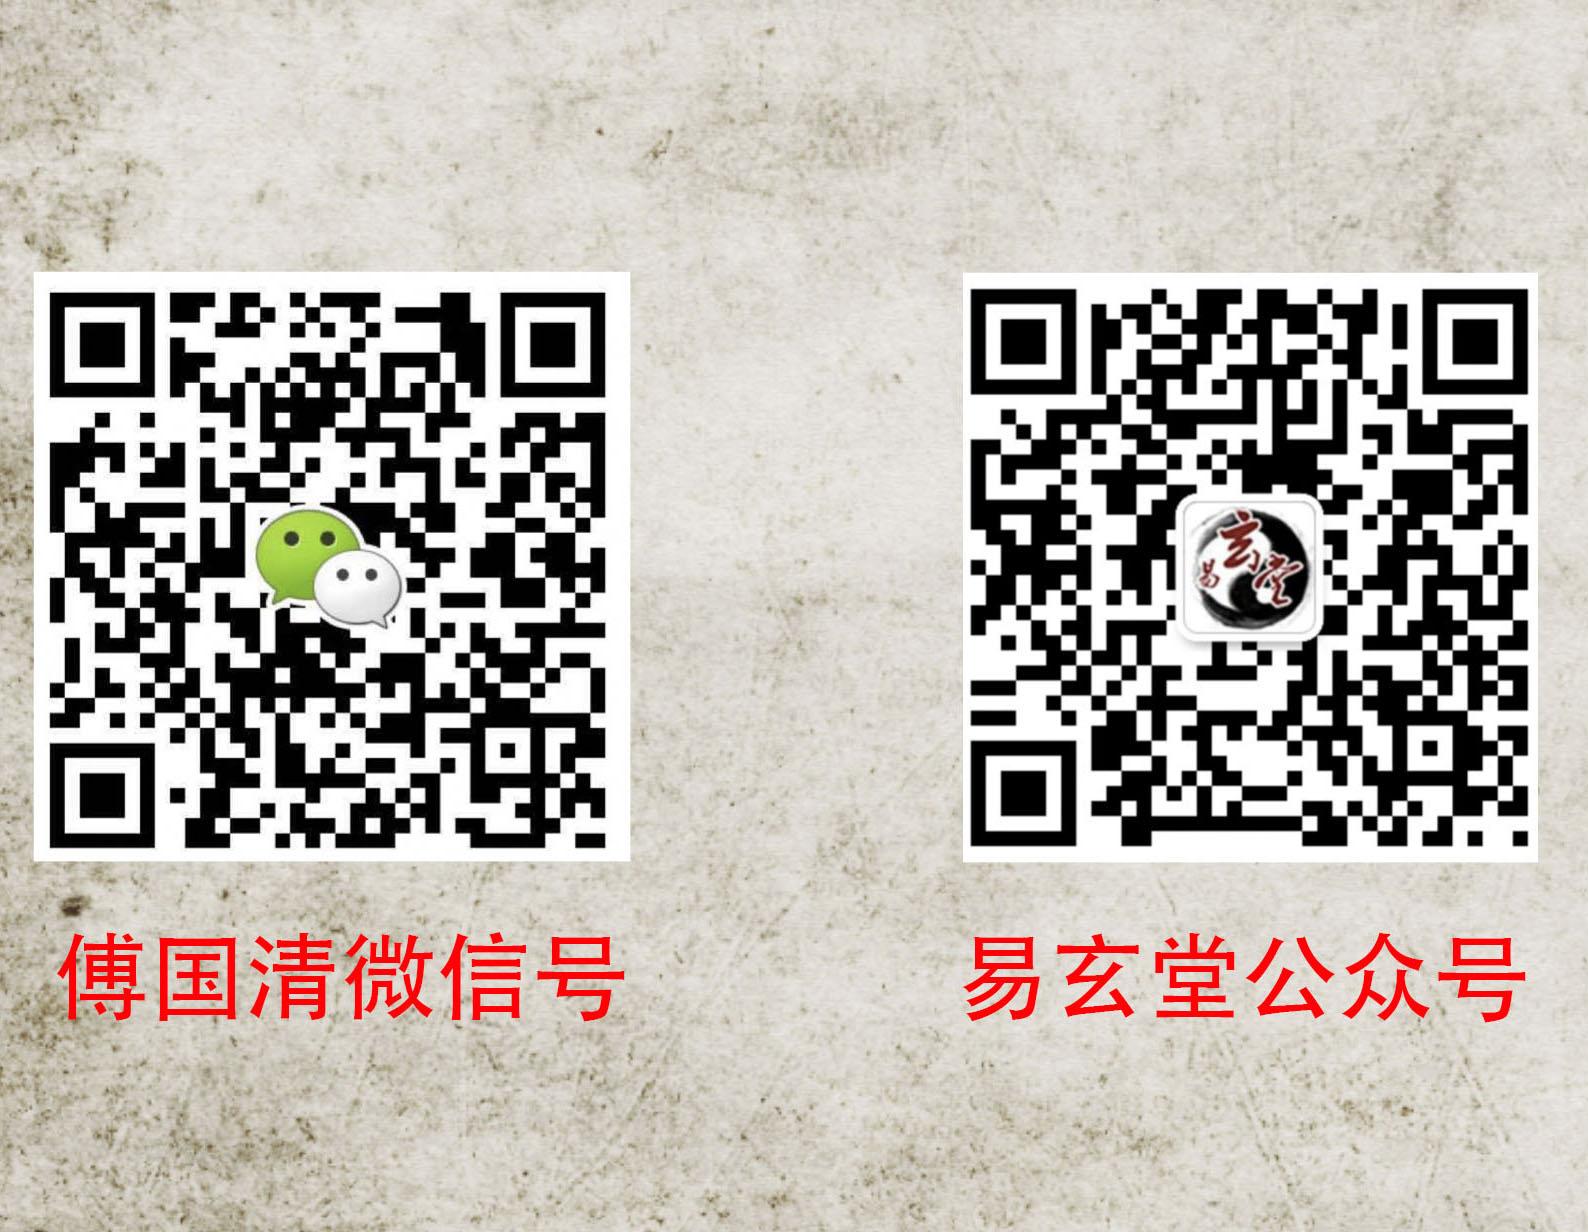 风水培训,中国著名风水师,风水学习,风水视频